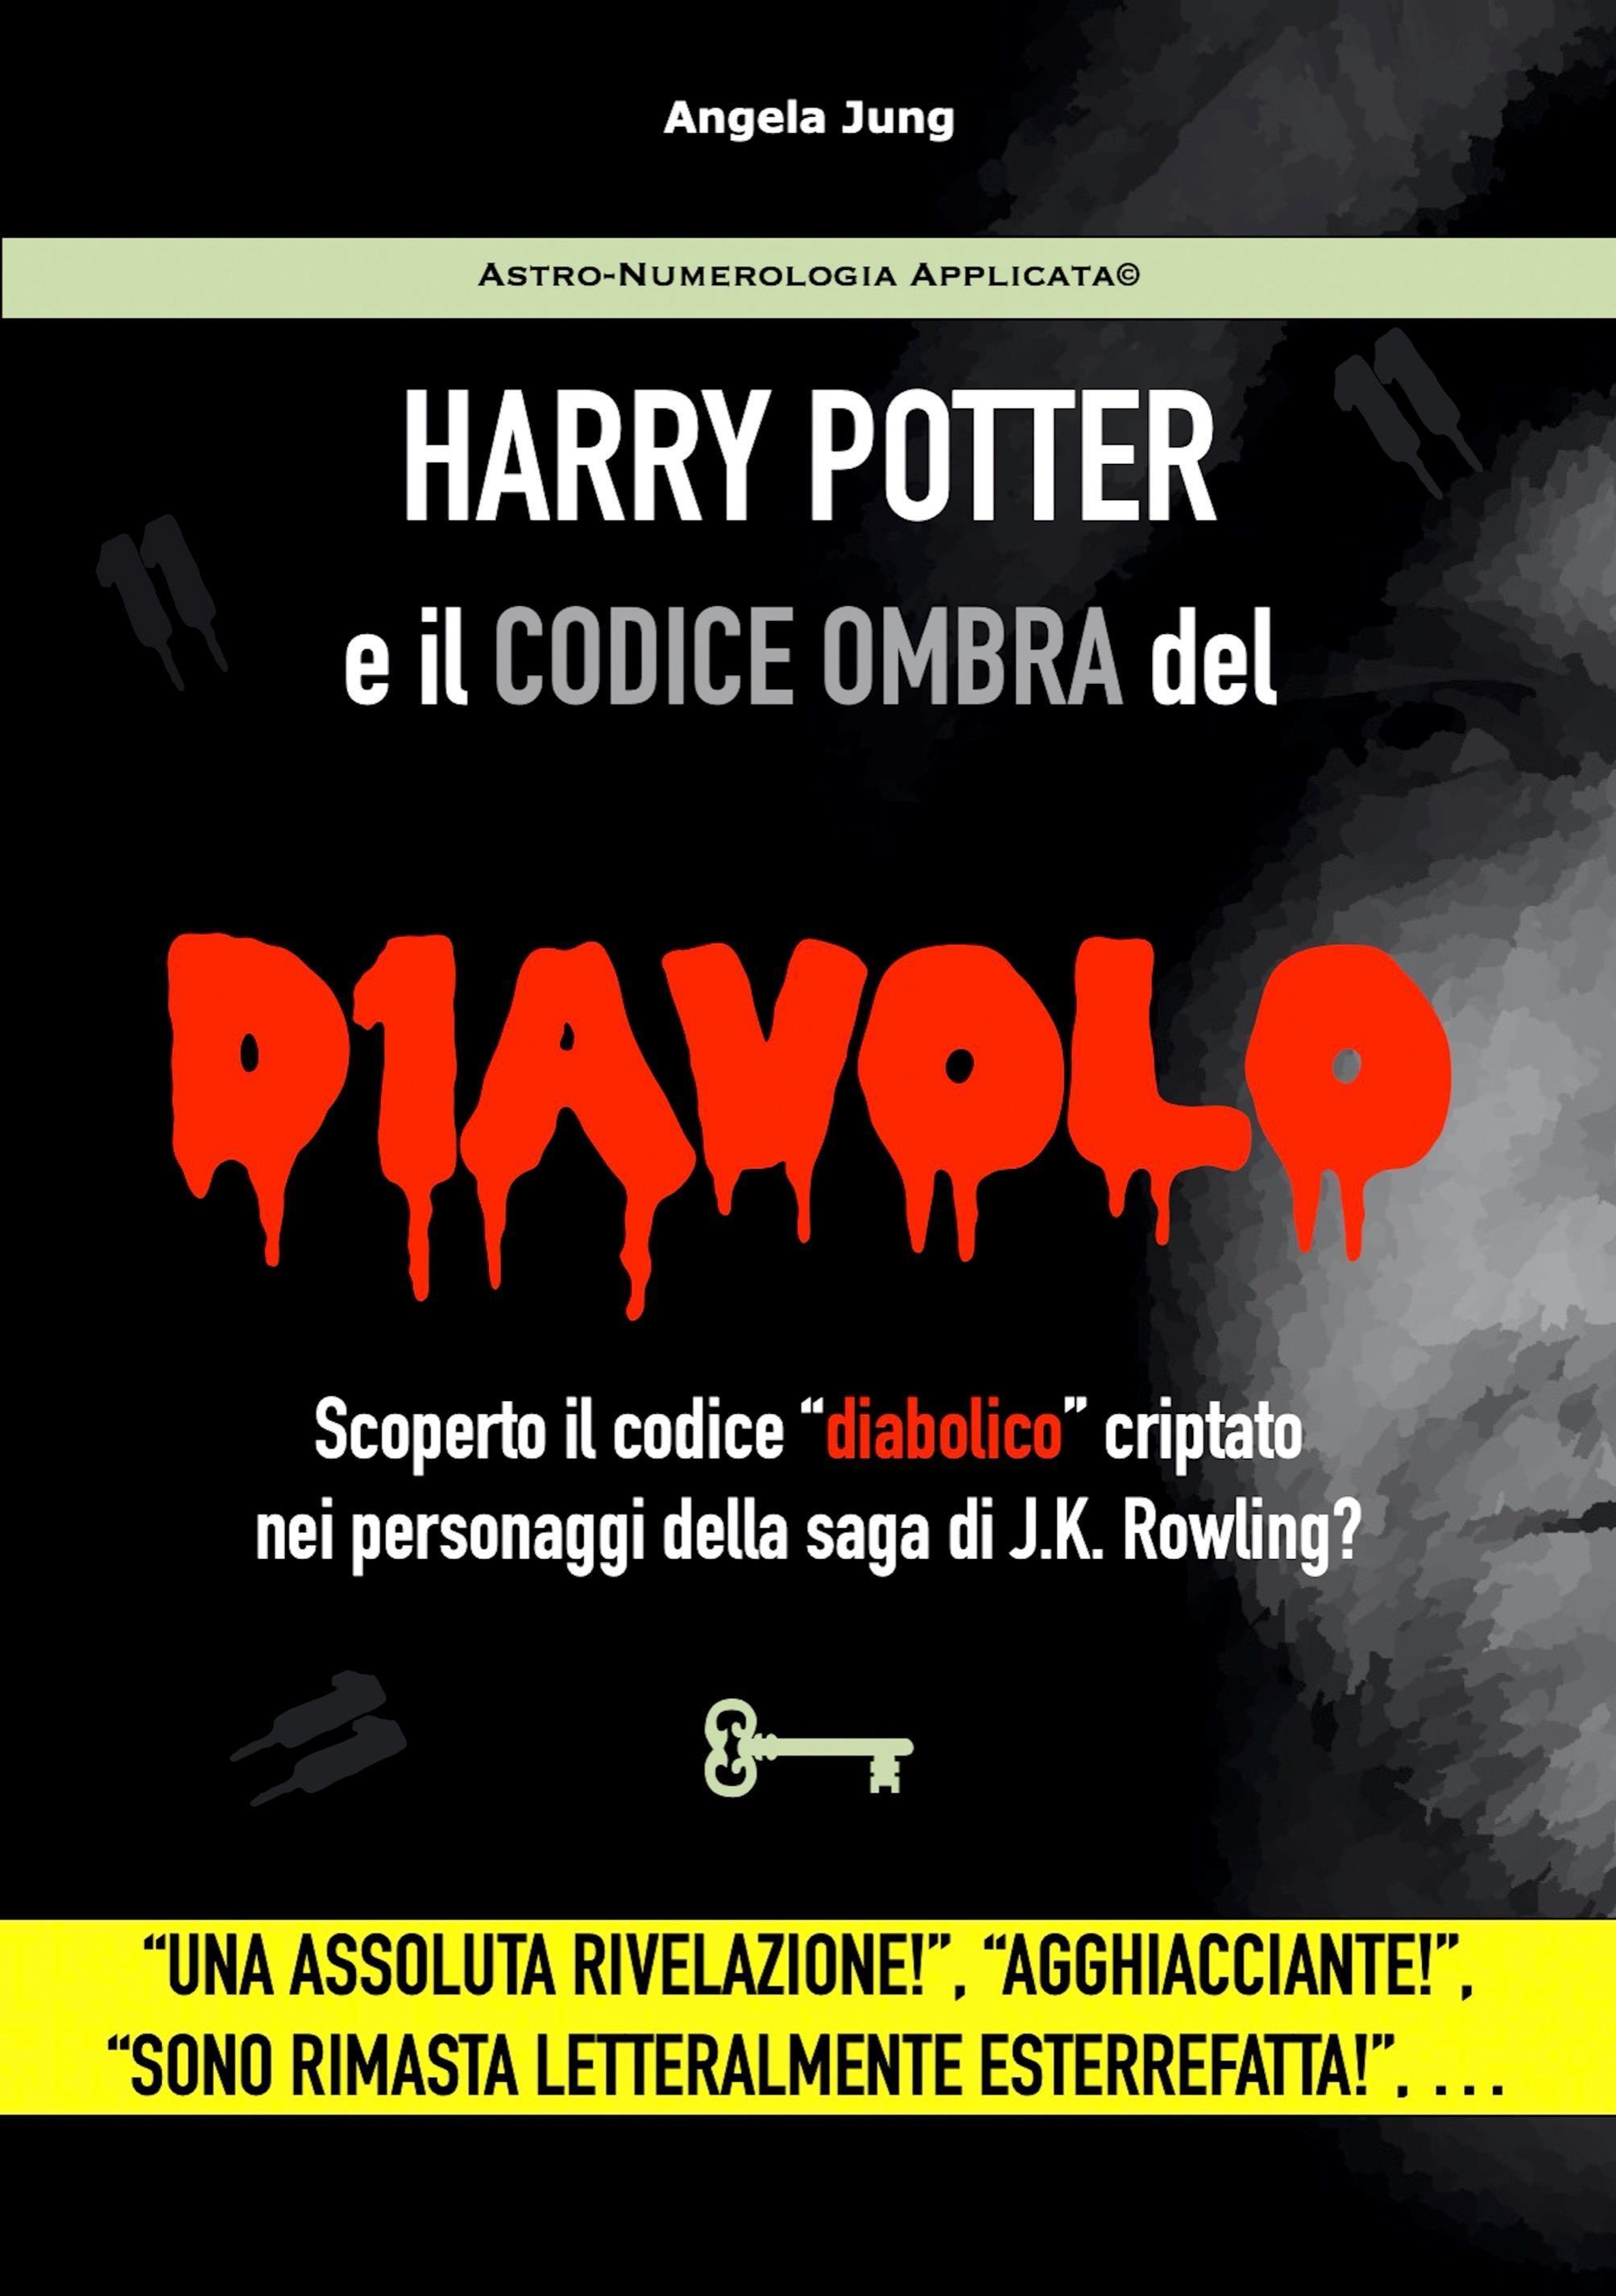 """Harry Potter il Codice Ombra del Diavolo - Scoperto il codice """"diabolico"""" criptato nei personaggi della saga di J.K. Rowling?"""